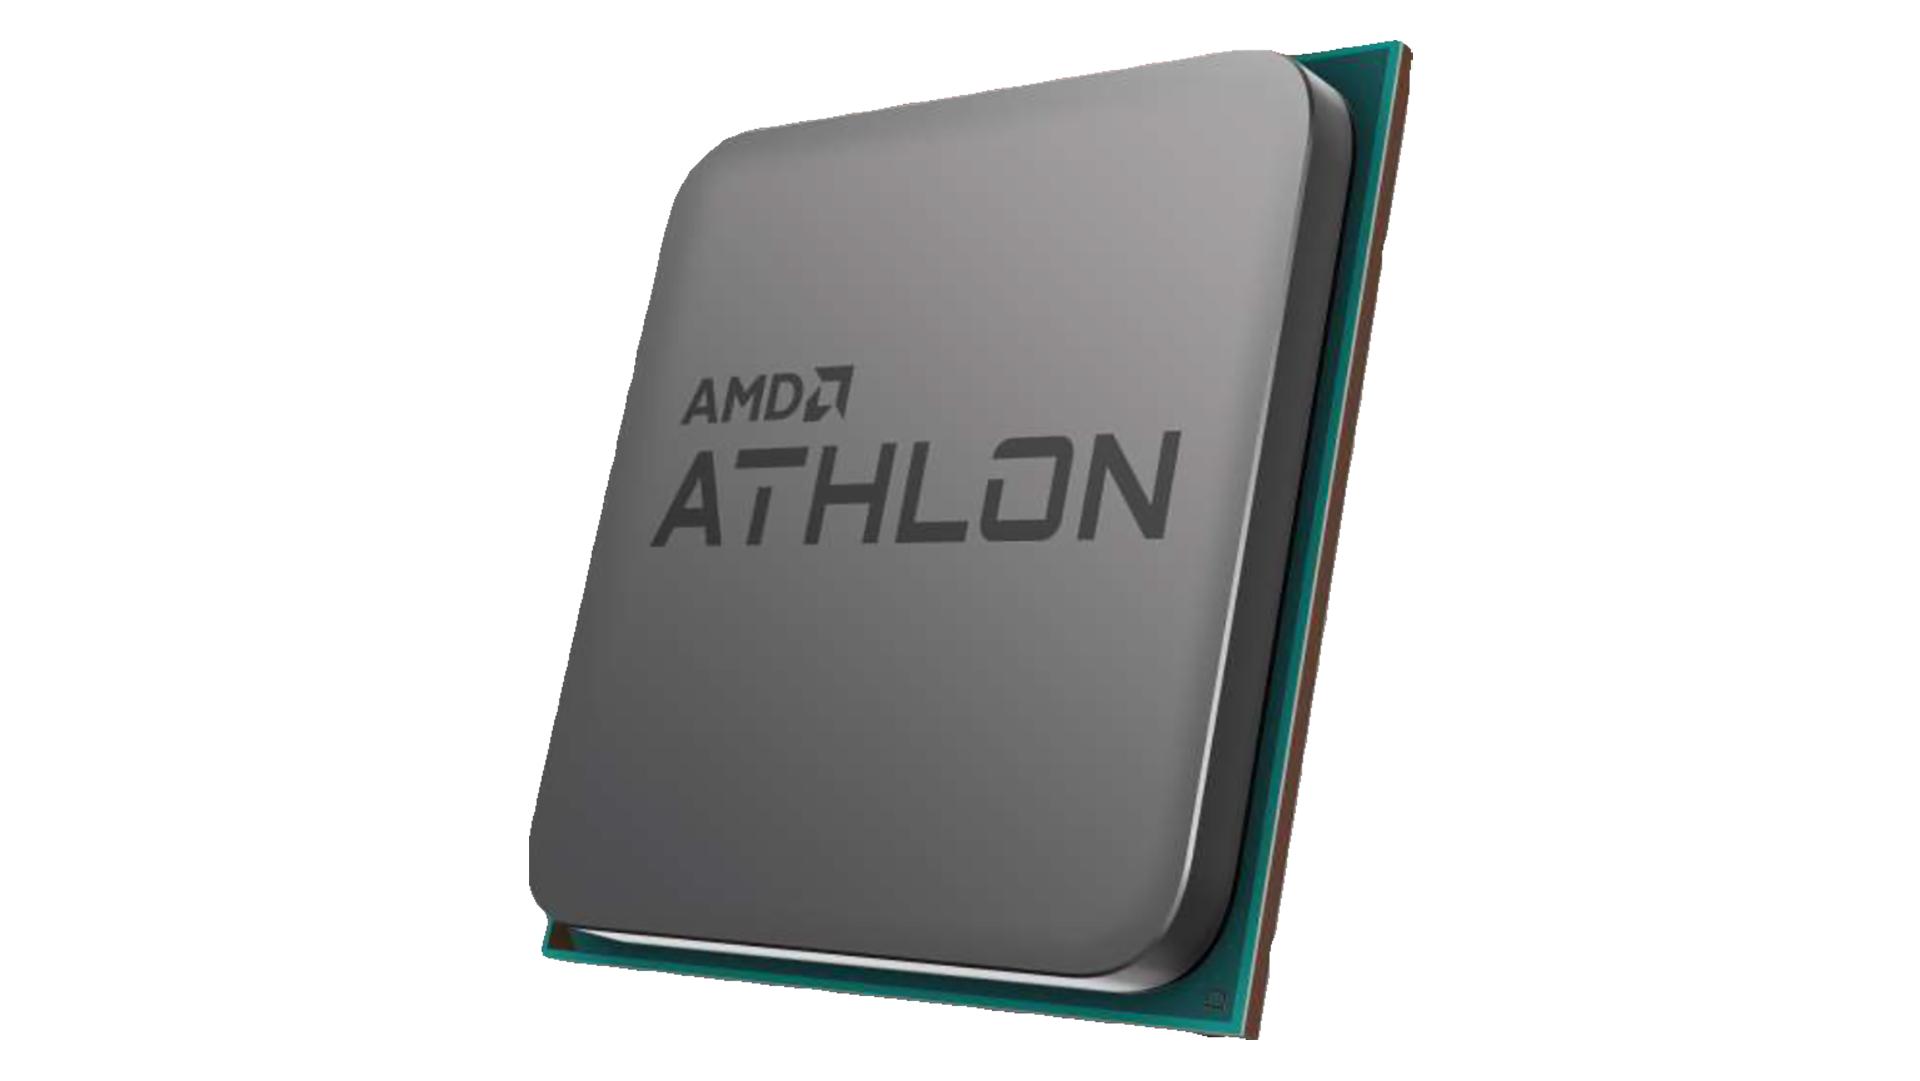 AMD  Pasang Vega 3 di Athlon dan Ryzen PRO